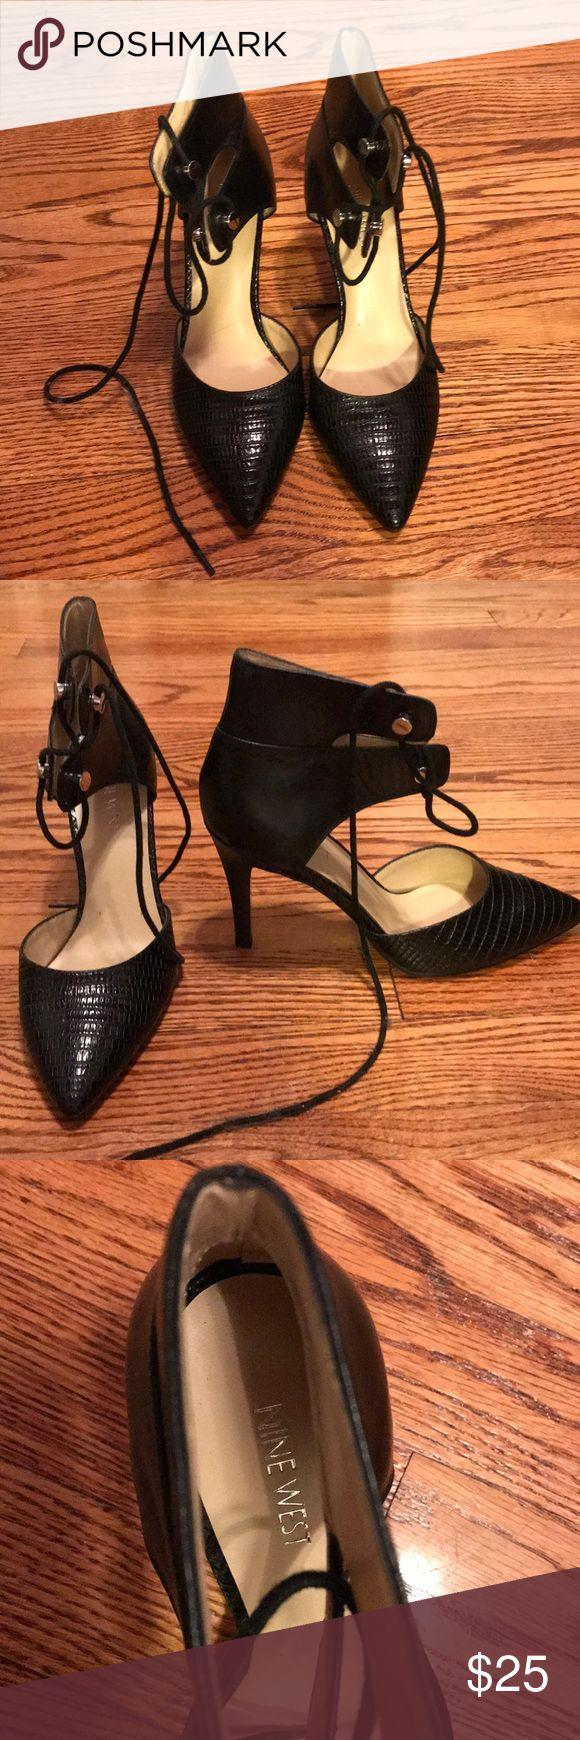 Nine West strap up heels Black lace up Nine West heels, never worn! Nine West Shoes Heels